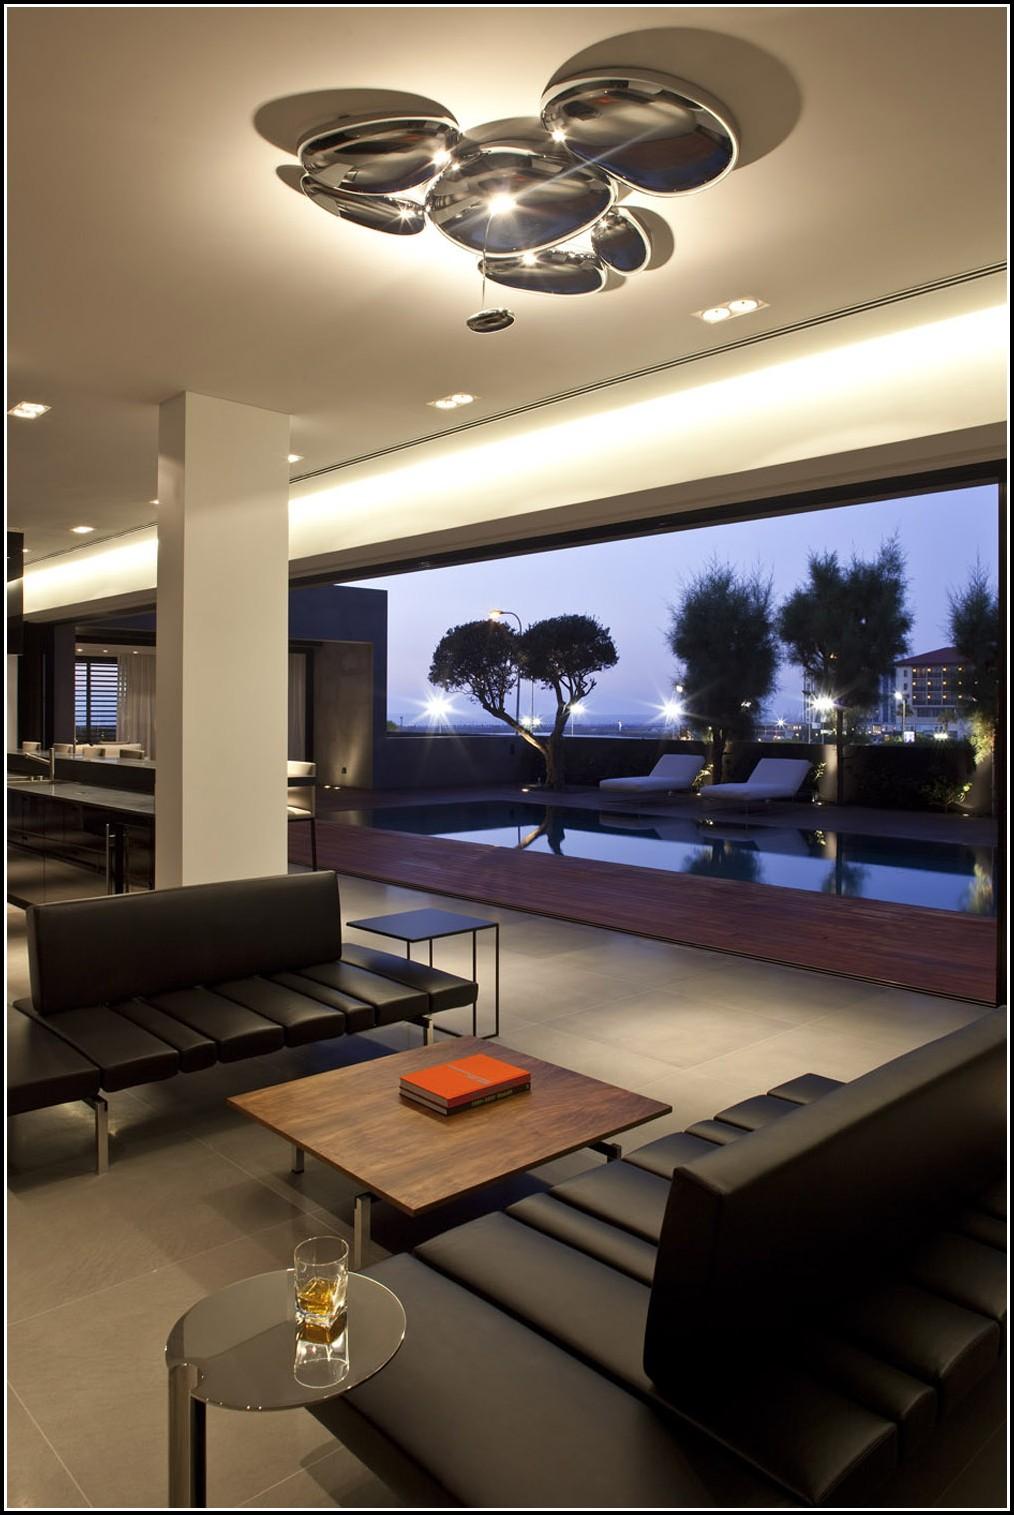 Lampe Wohnzimmer Design